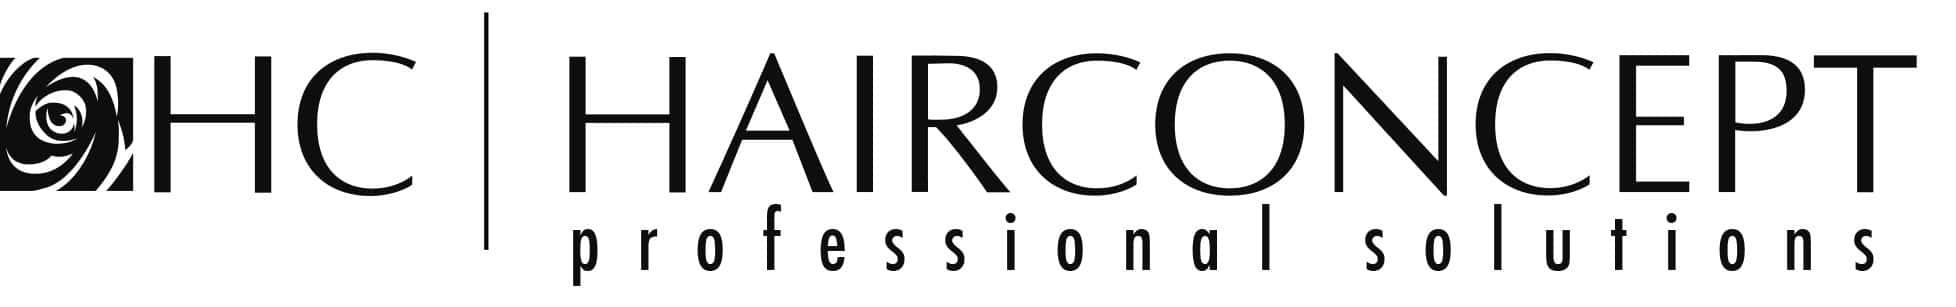 Logotipo de HAIRCONCEPT PROFESIONAL